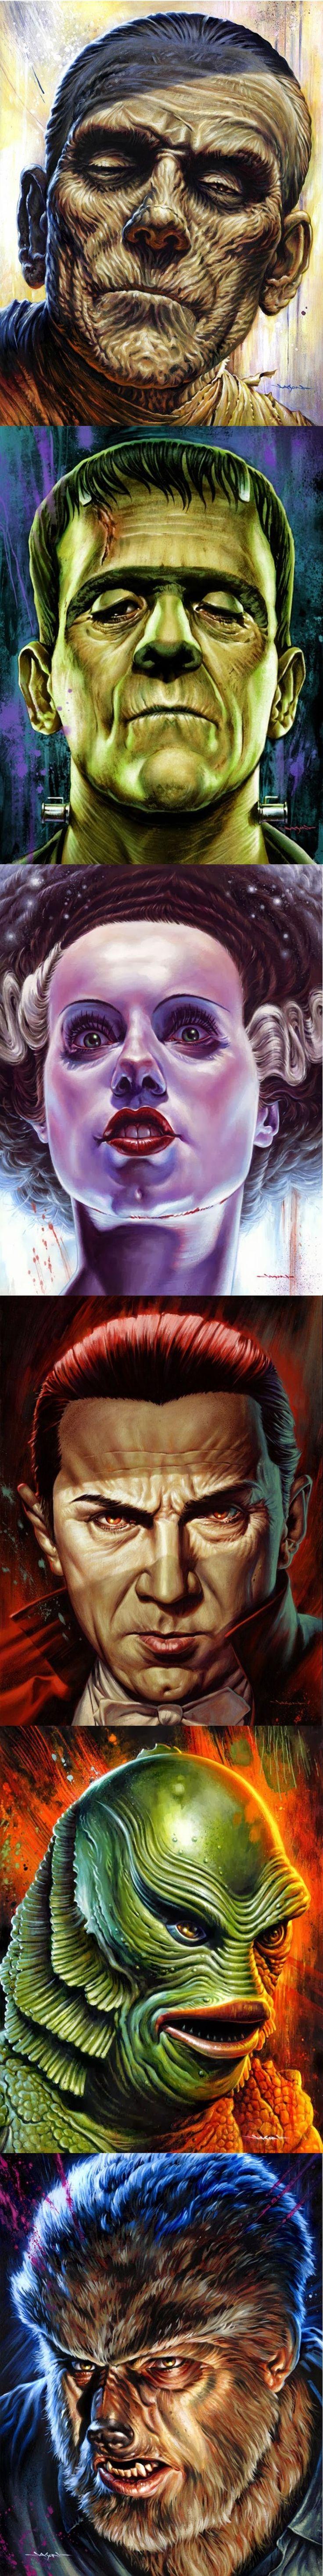 La momia - Frankenstein - La novia de Frankenstein - Drácula - El monstruo del lago - El hombre lobo